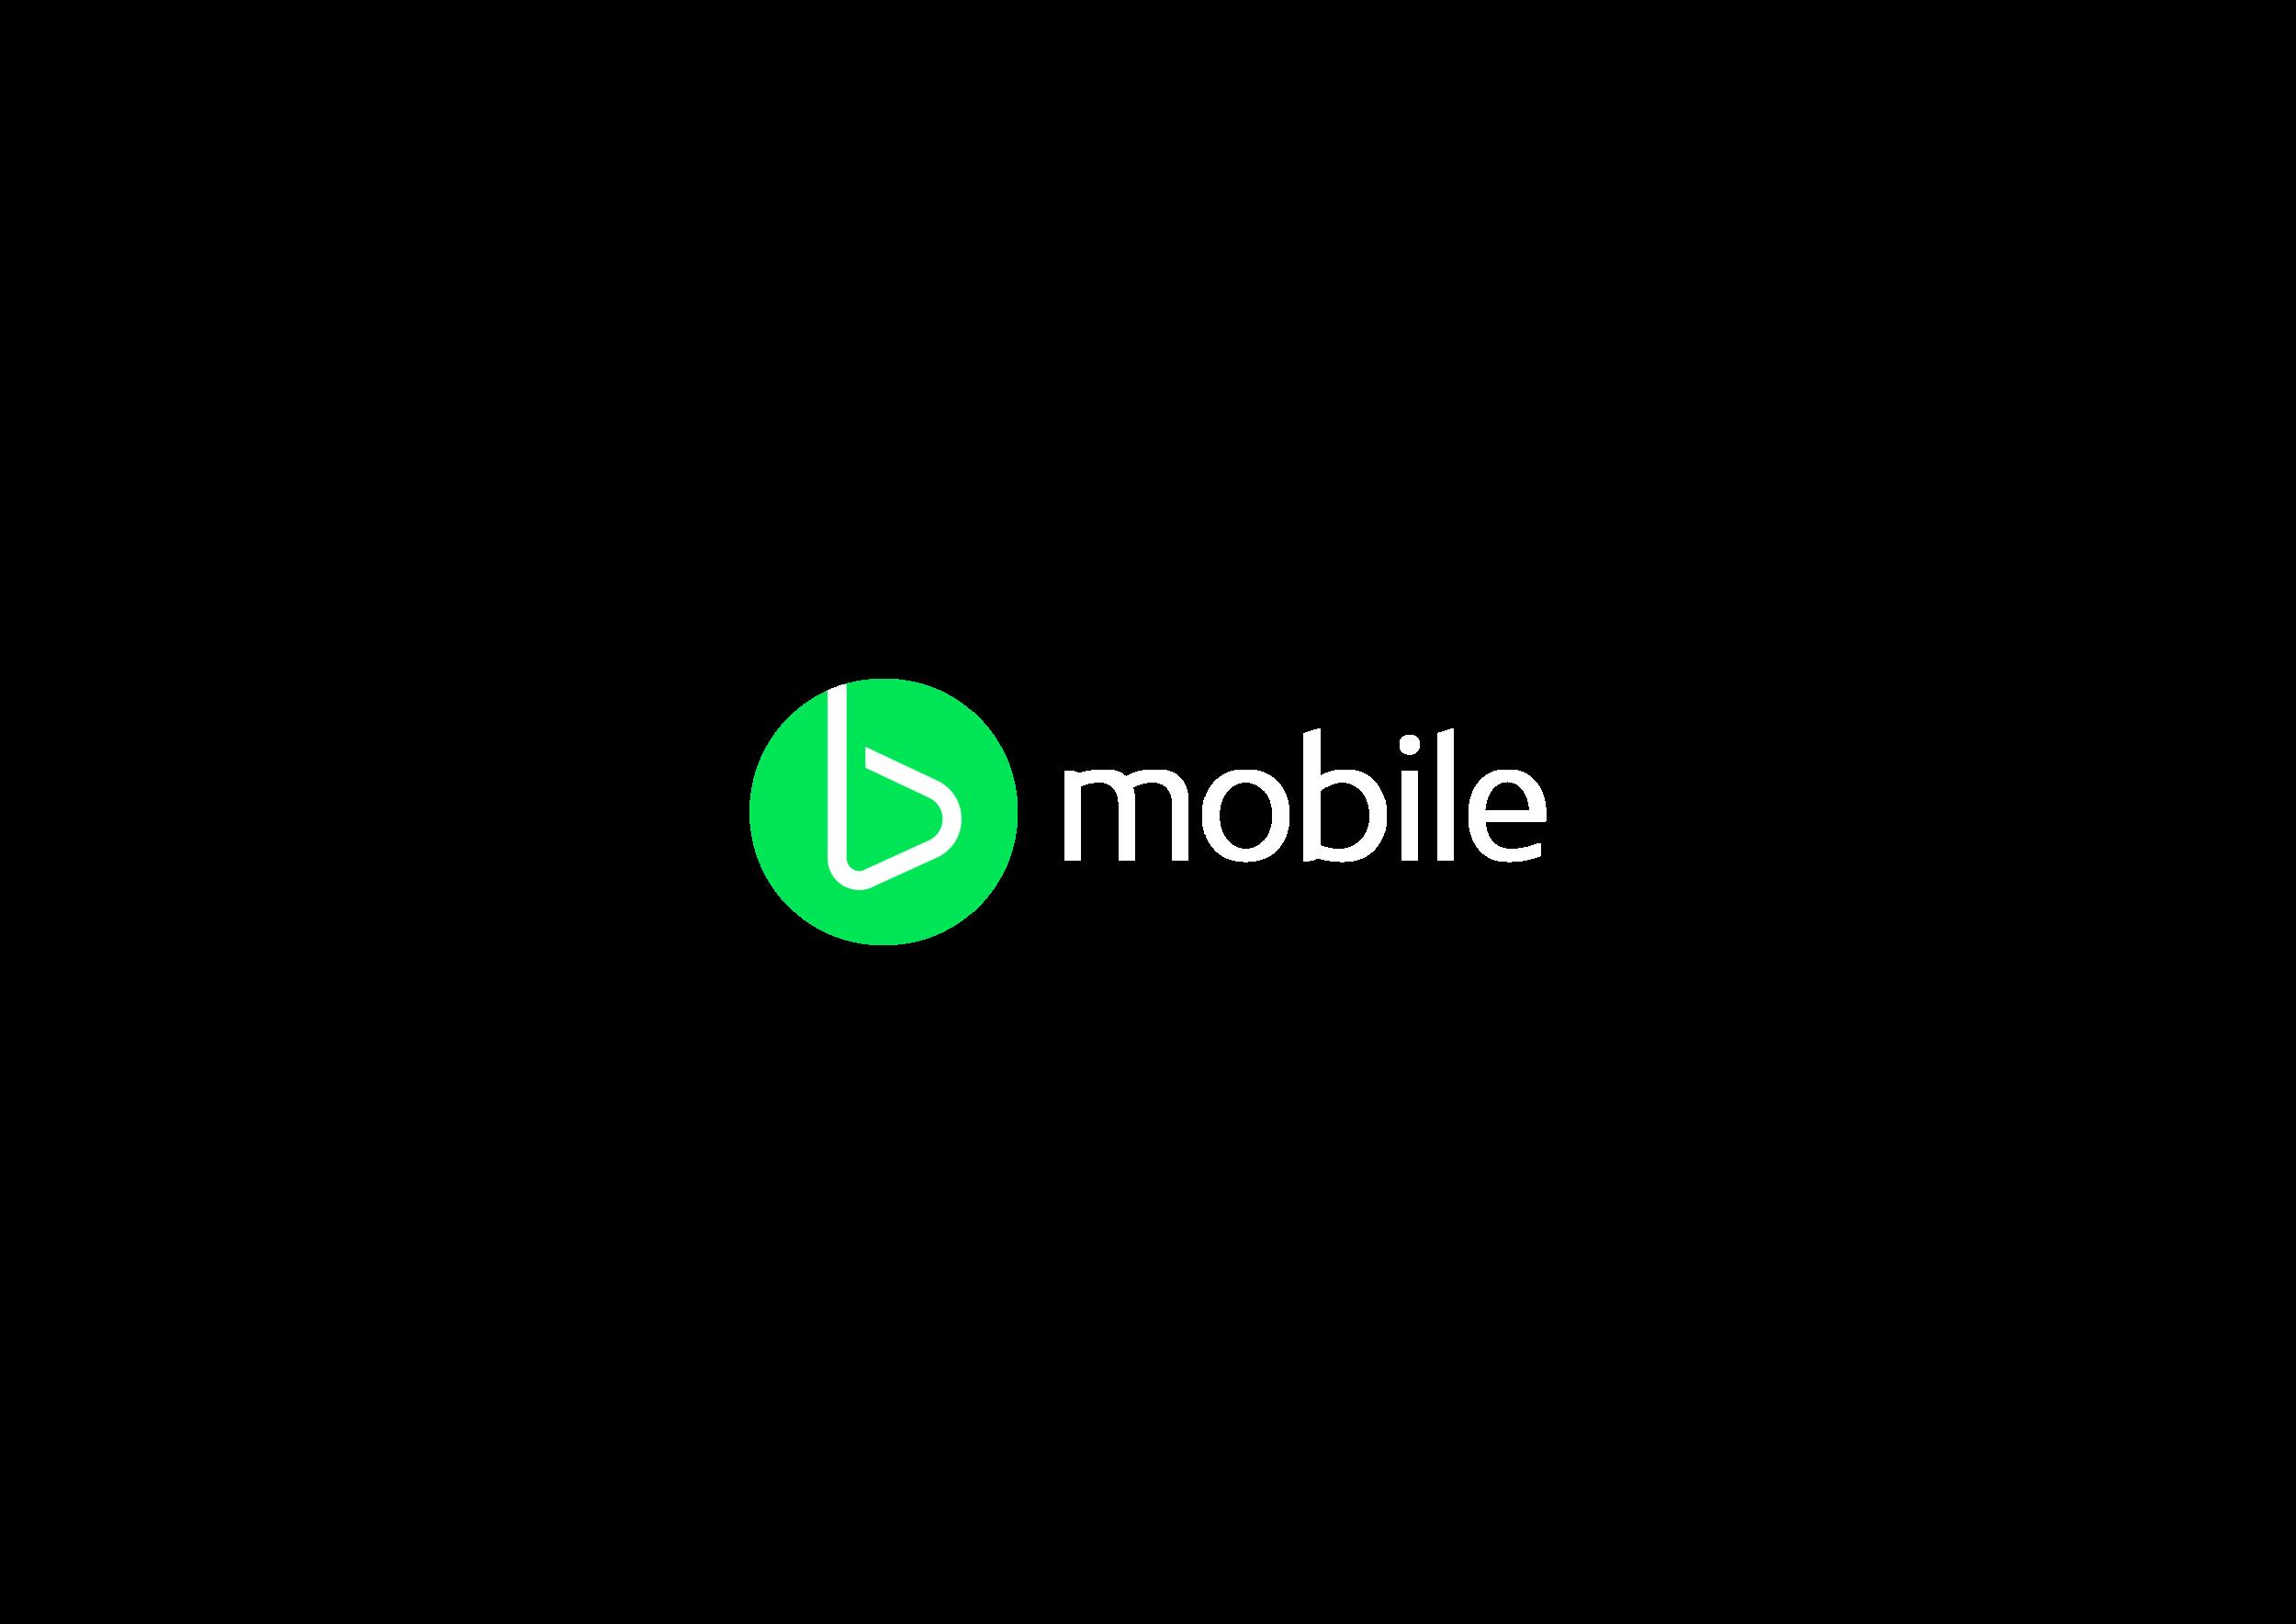 bmobile.png